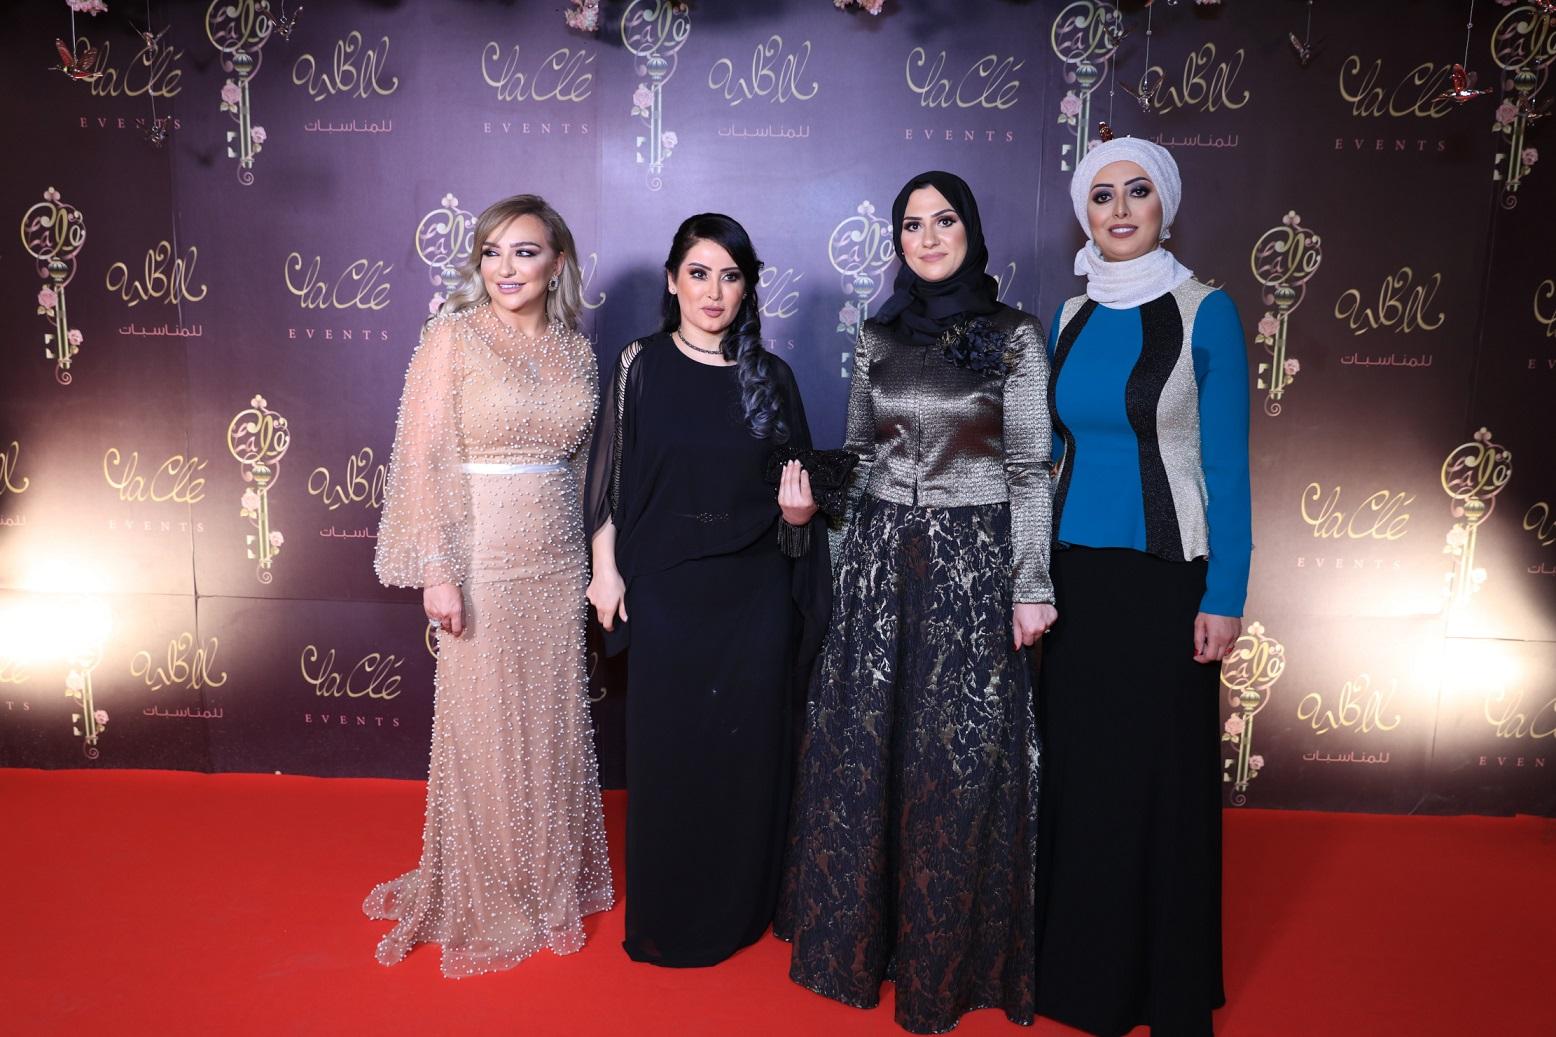 صورة شمس الكويتية وفيفيان مراد ودومنيك حوراني نجوم حفل لاكليه